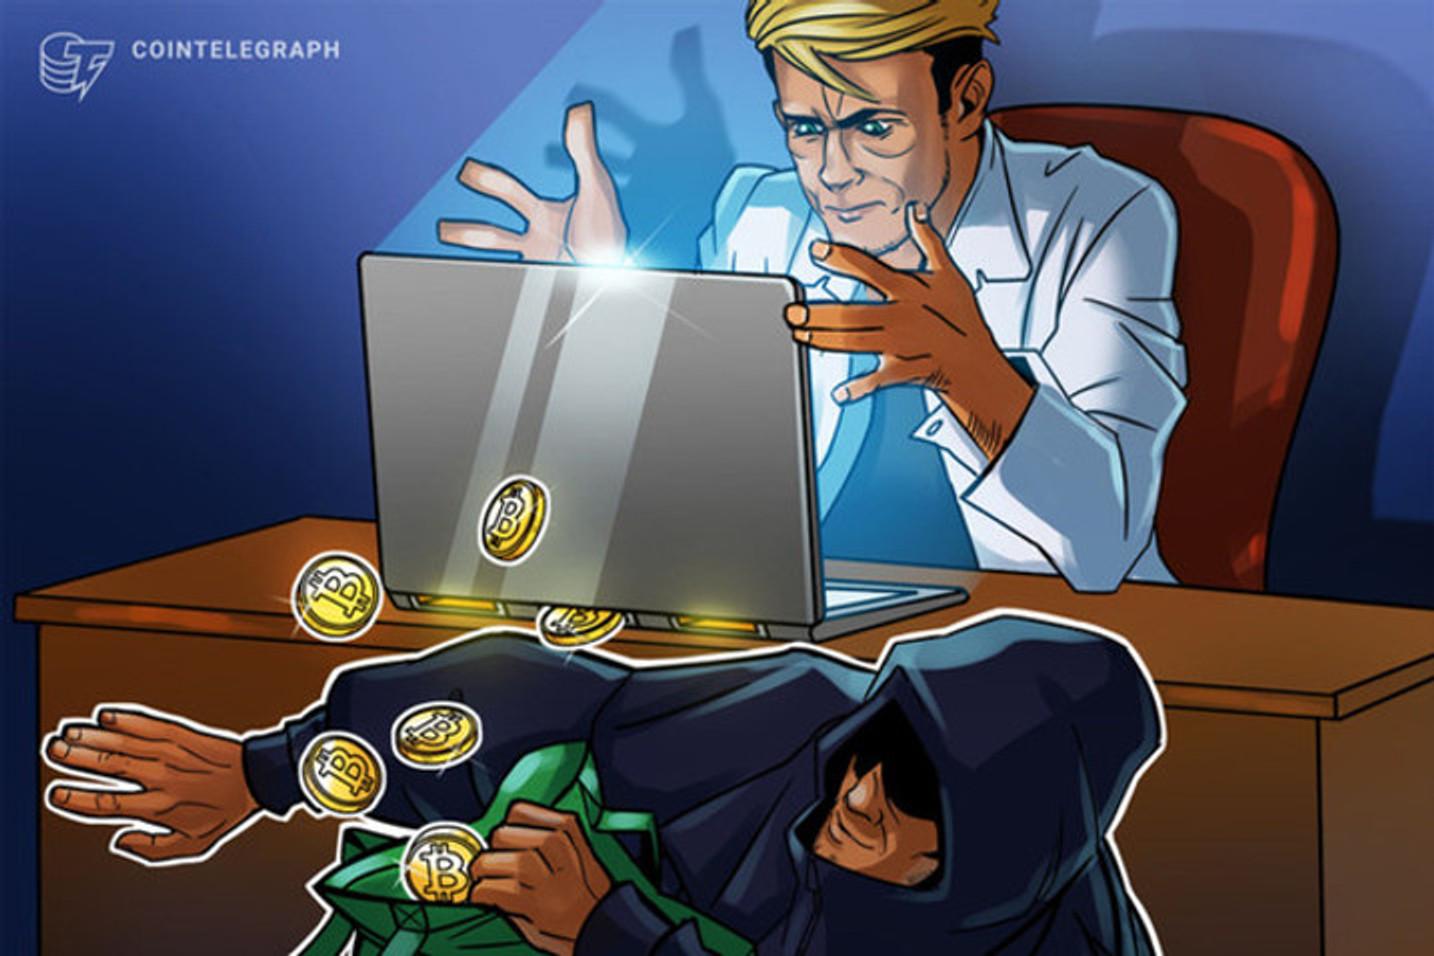 Se multiplicaron variantes de programas maliciosos que roban criptomonedas, según Kaspersky